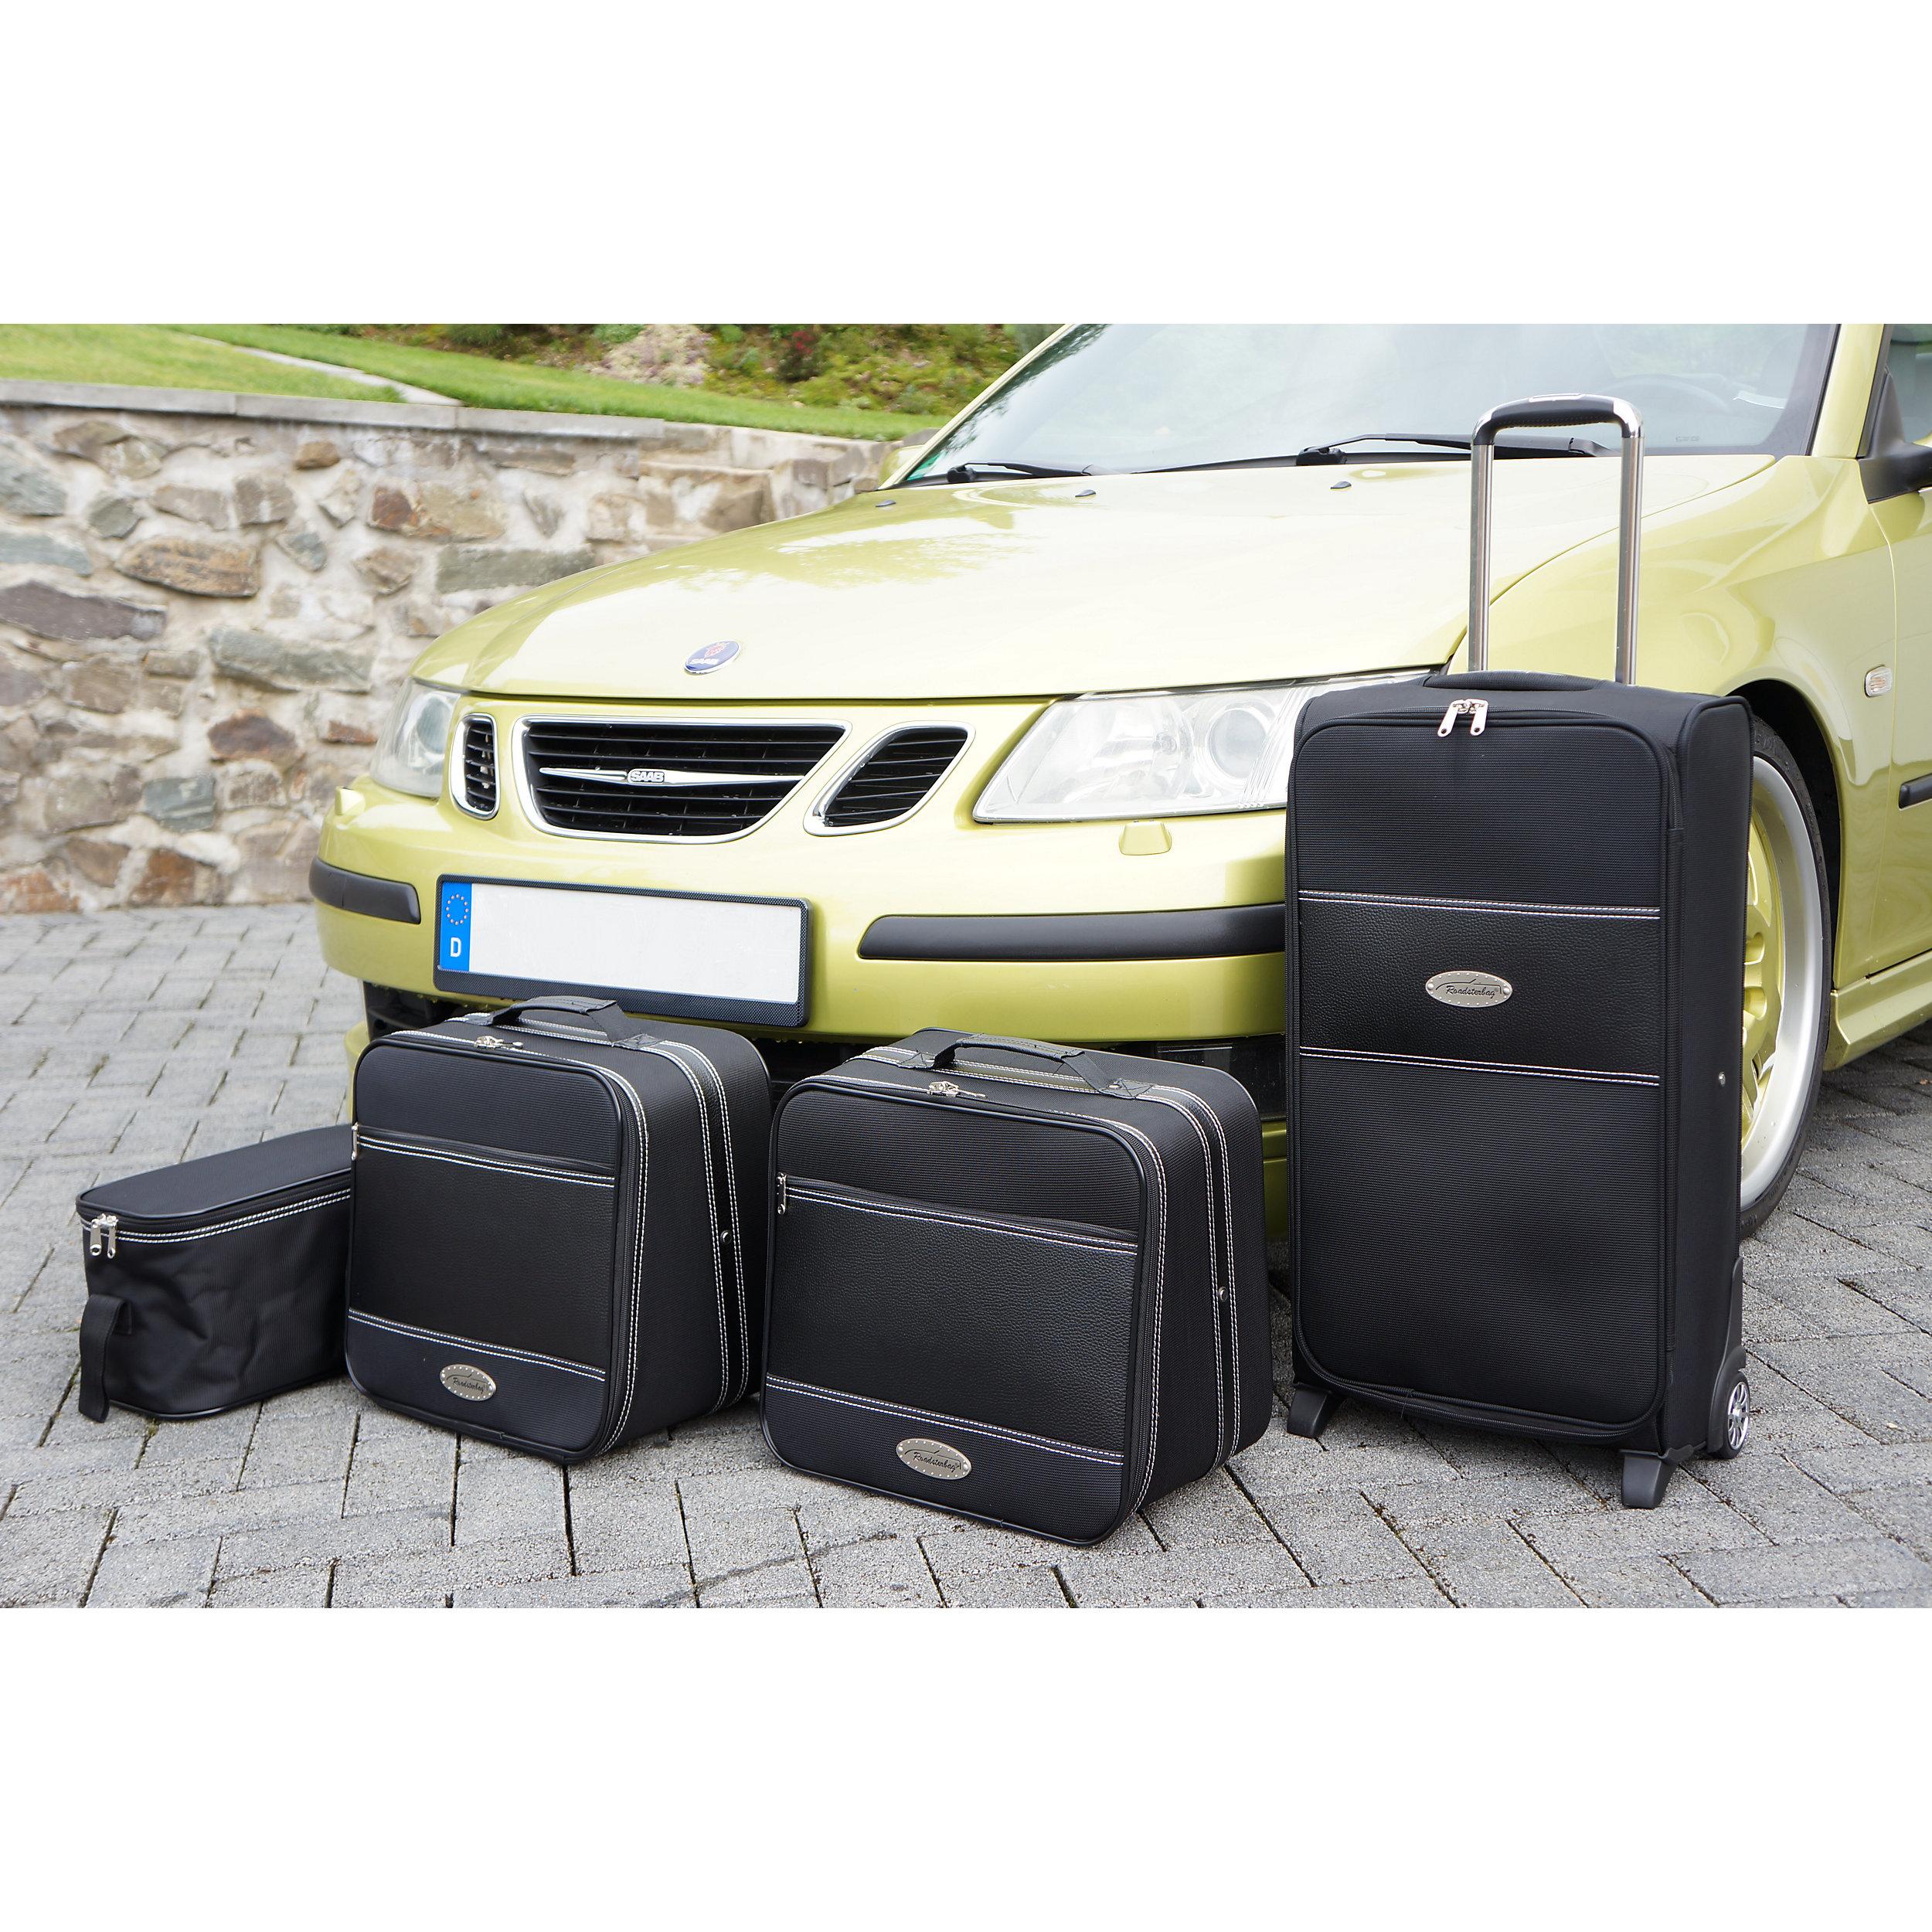 4-tlg. Kofferset mit 2 Rollen Saab 9-3 Cabrio 142 Liter